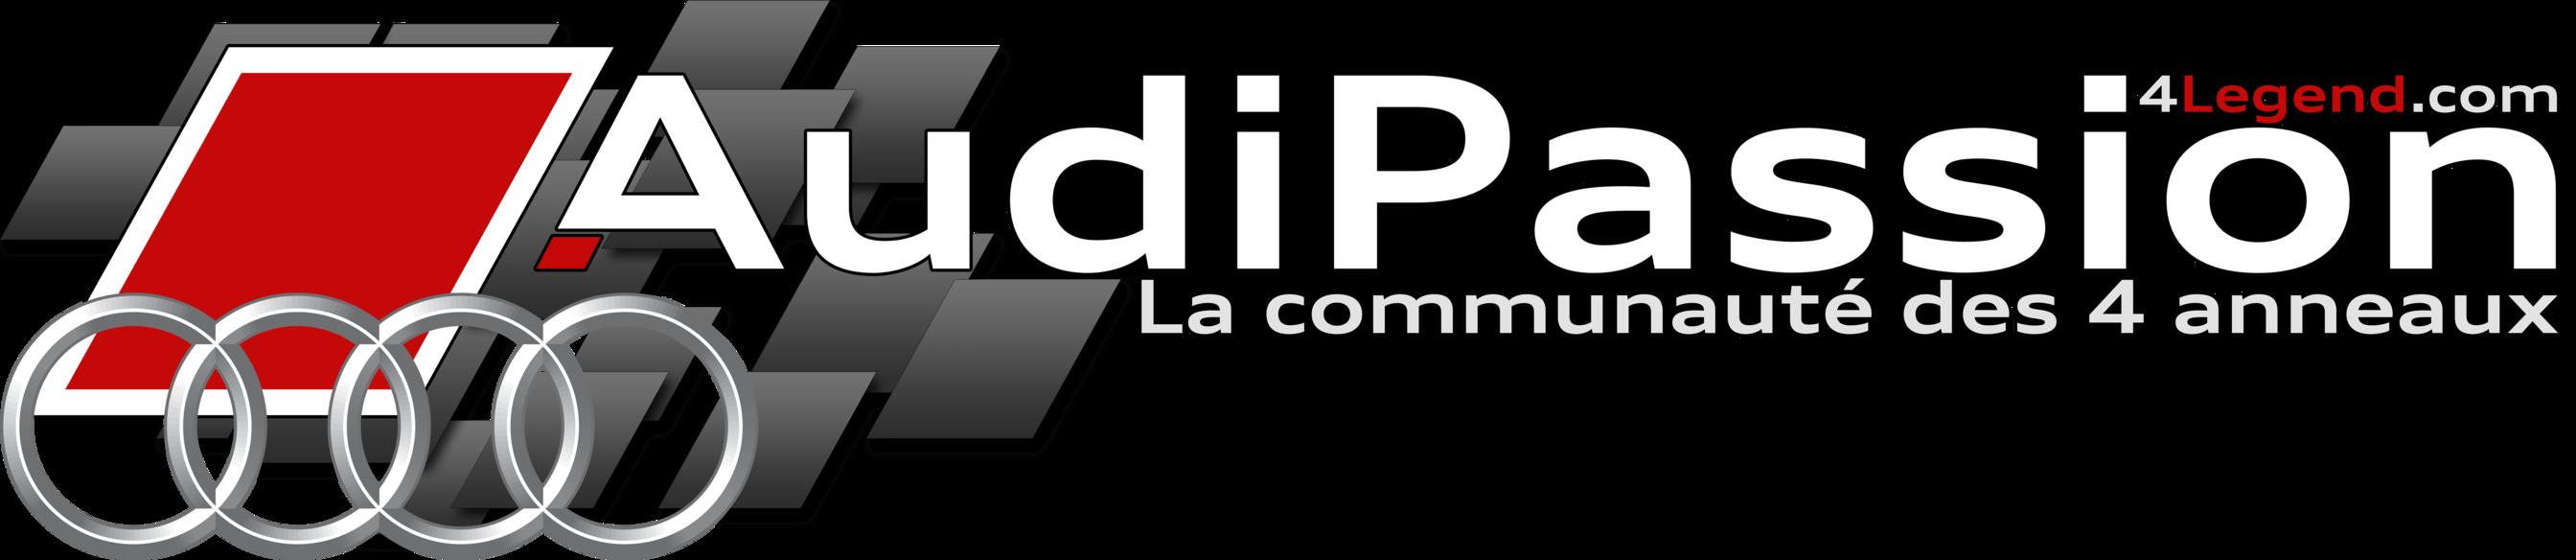 Bannière_AudiPassion